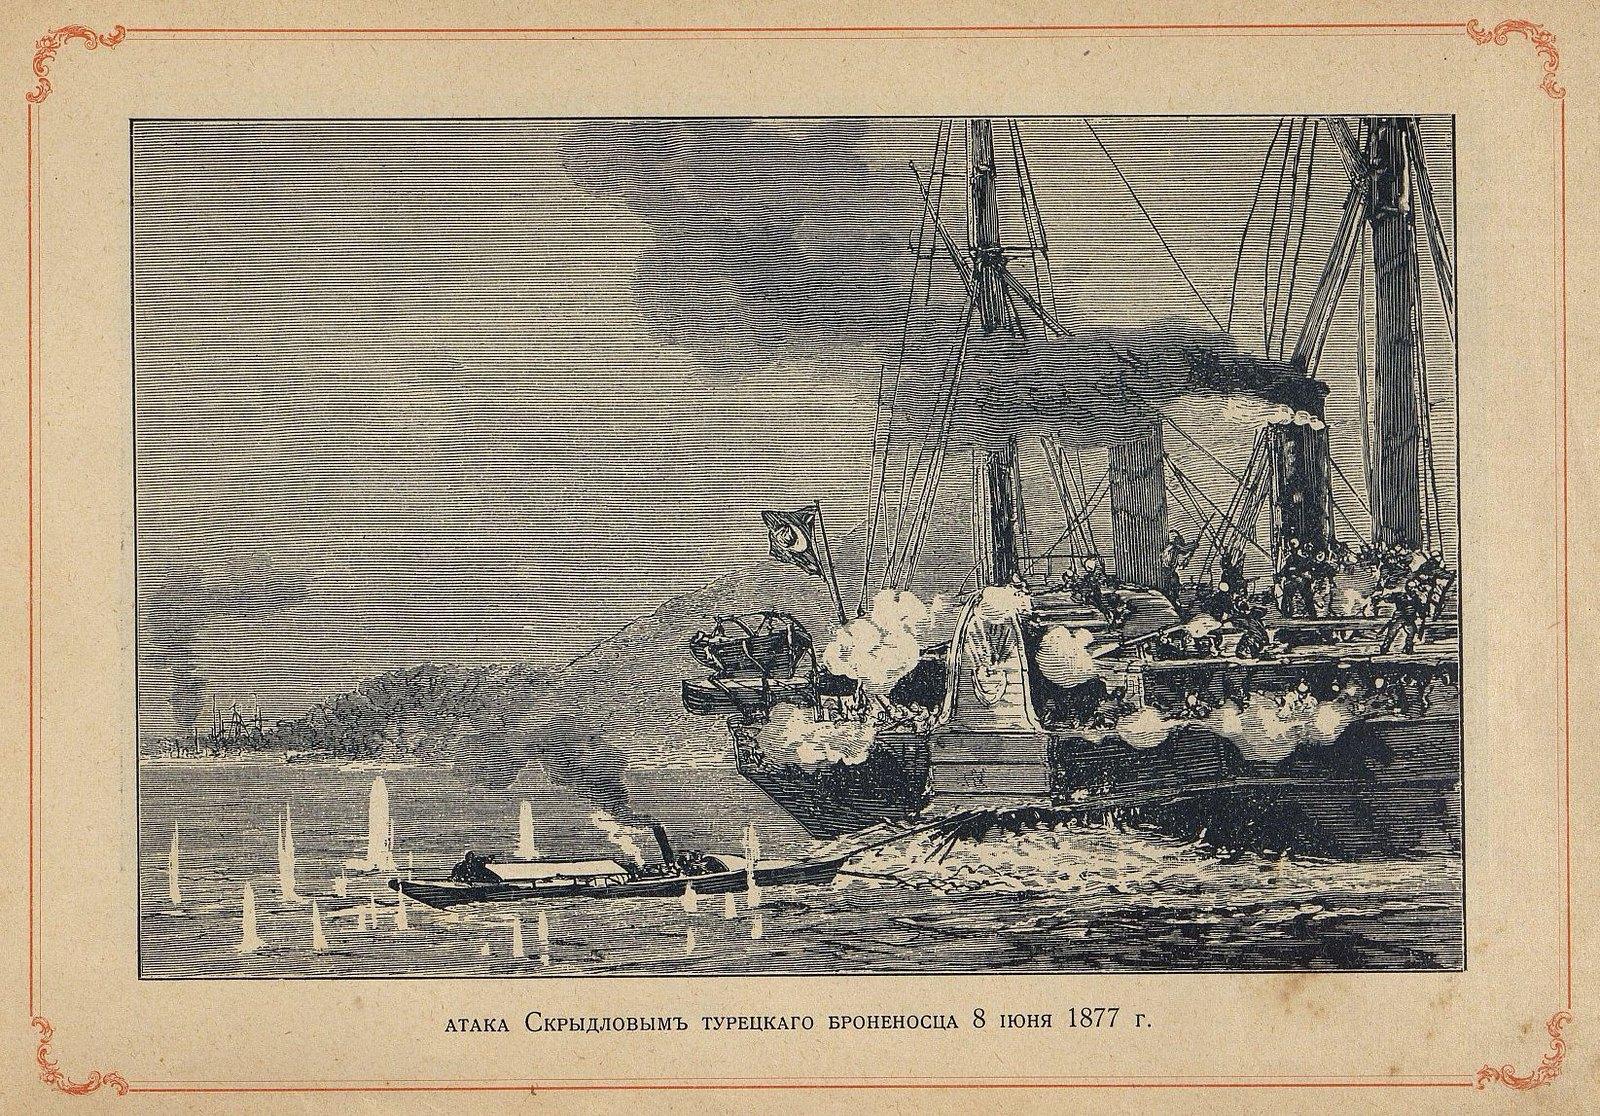 Атака Скрыдловым турецкого броненосца 8 июня 1877 г.